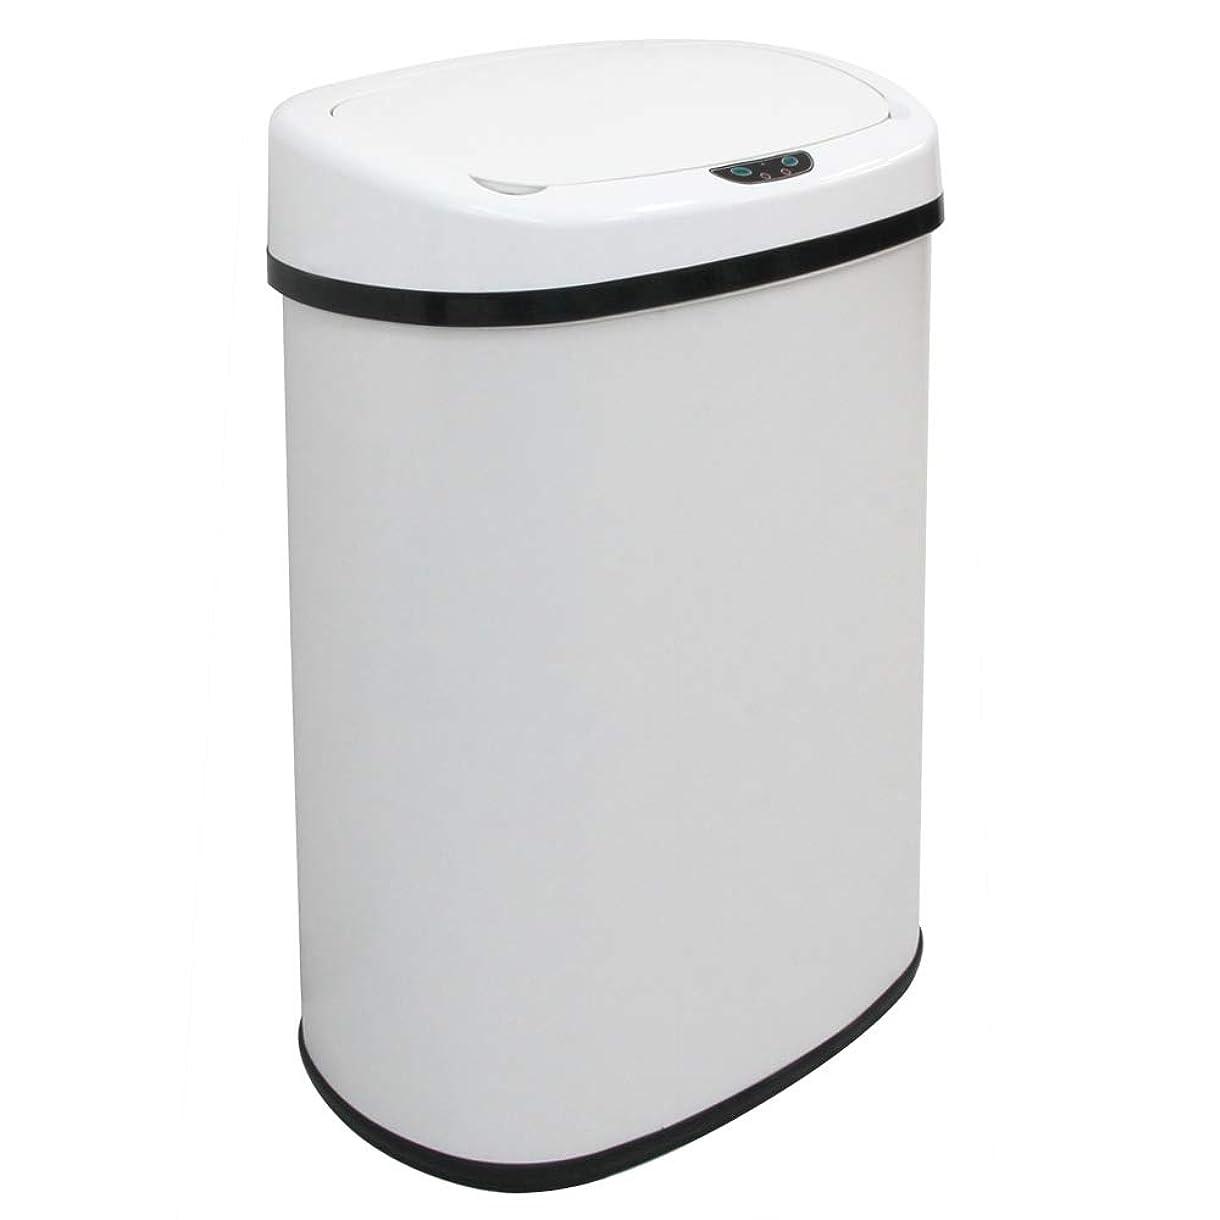 子落ち込んでいる強大なWEIMALL 大容量 ゴミ箱 ダストボックス センサー 自動開閉式 48L ふた付き ペダルいらず全自動開閉 45リットル ゴミ袋 対応 ホワイト 白